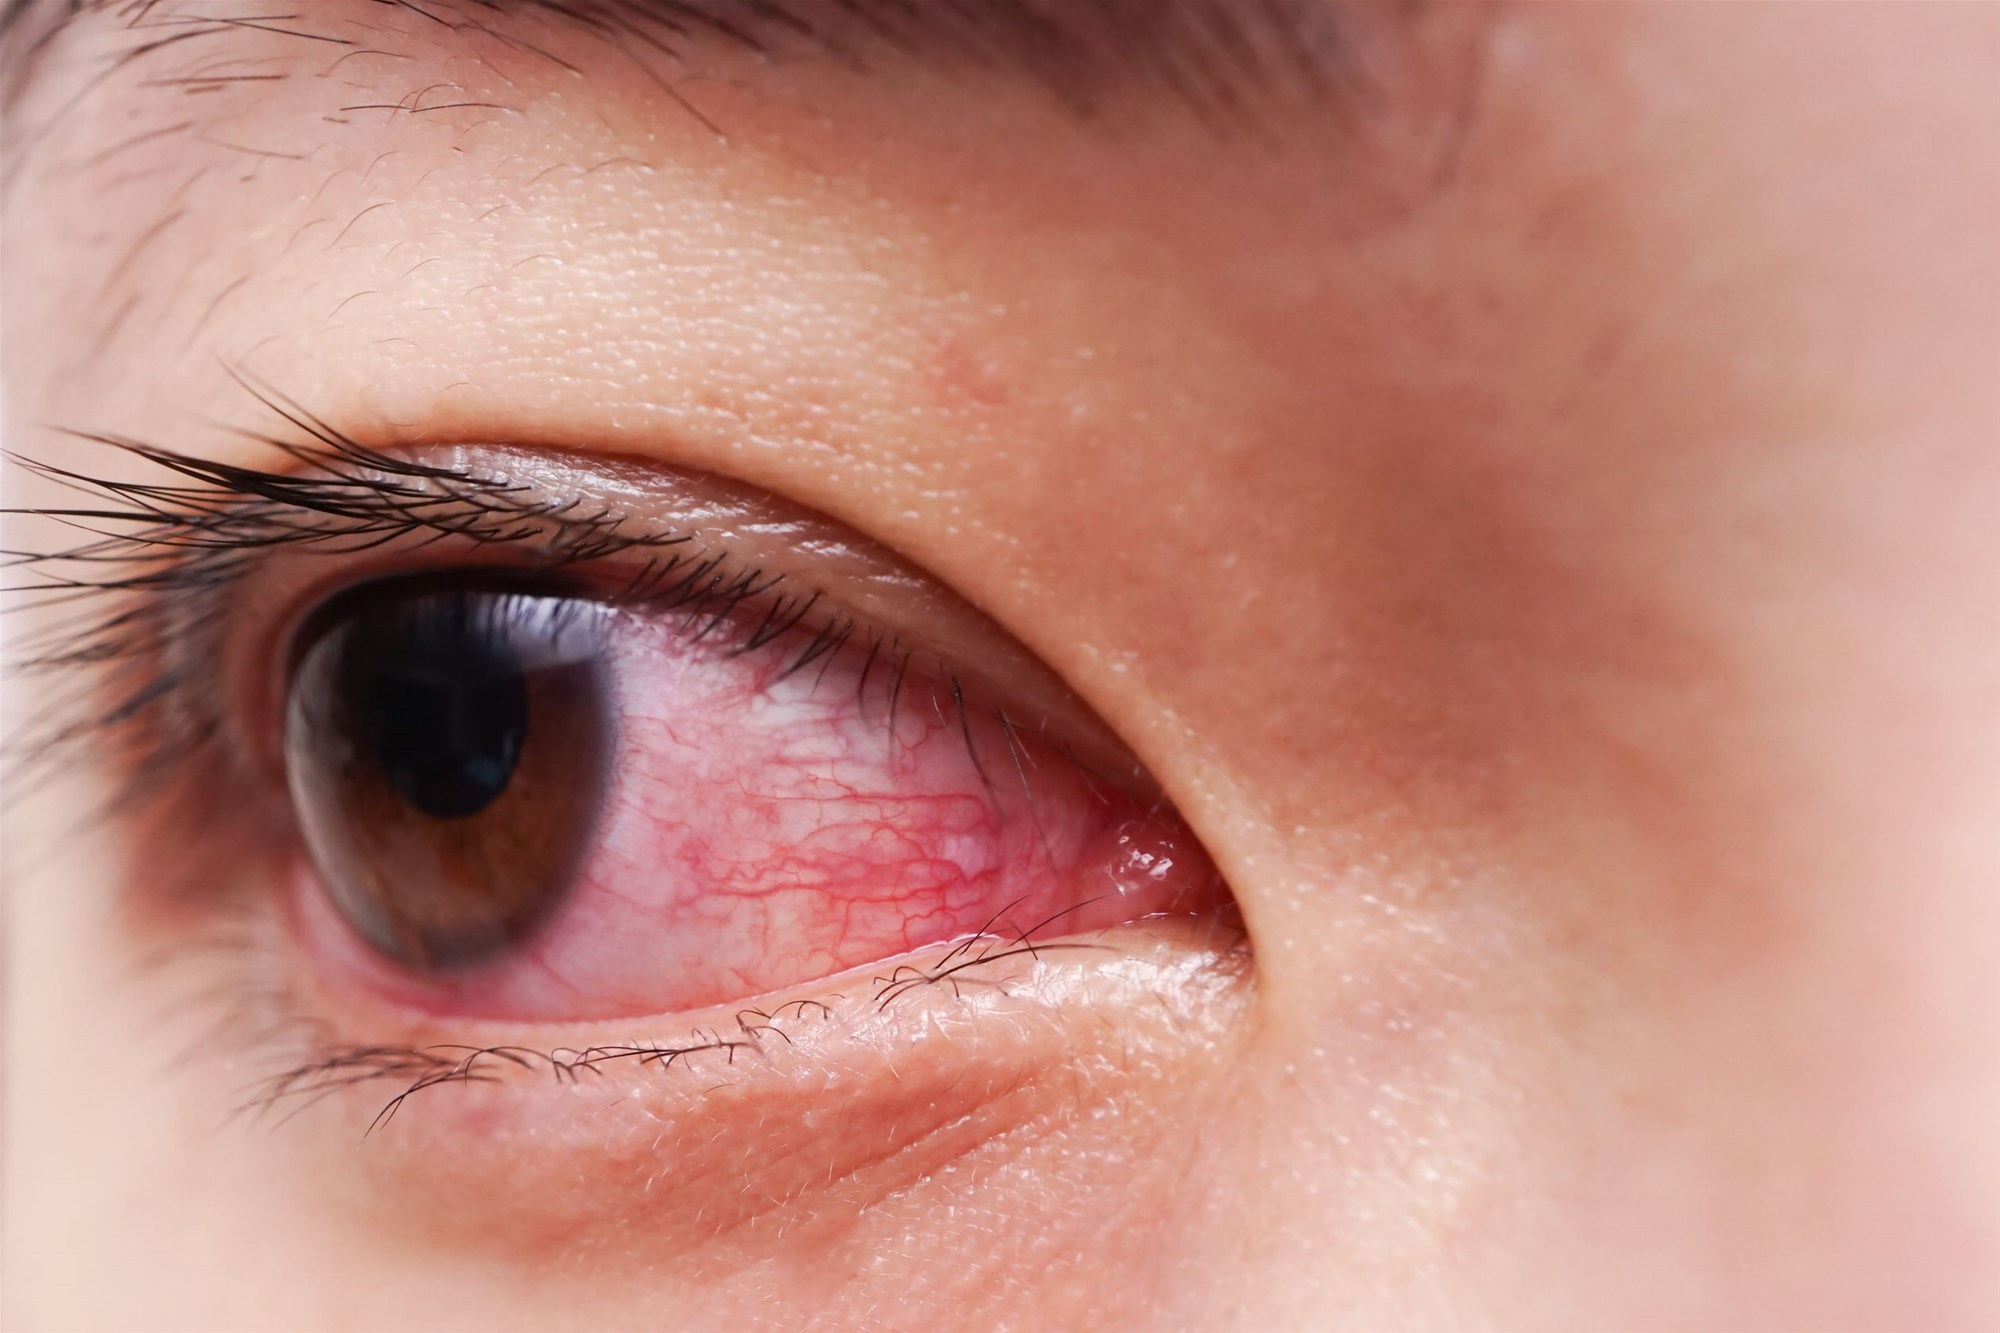 ما أسباب احمرار العين ؟ وما علاجه؟ - التهاب الأوعية الدموية داخل العين أو تهيجها - الهواء الجاف - الغبار - الحساسية - العدوى البكتيرية أو الفيروسية